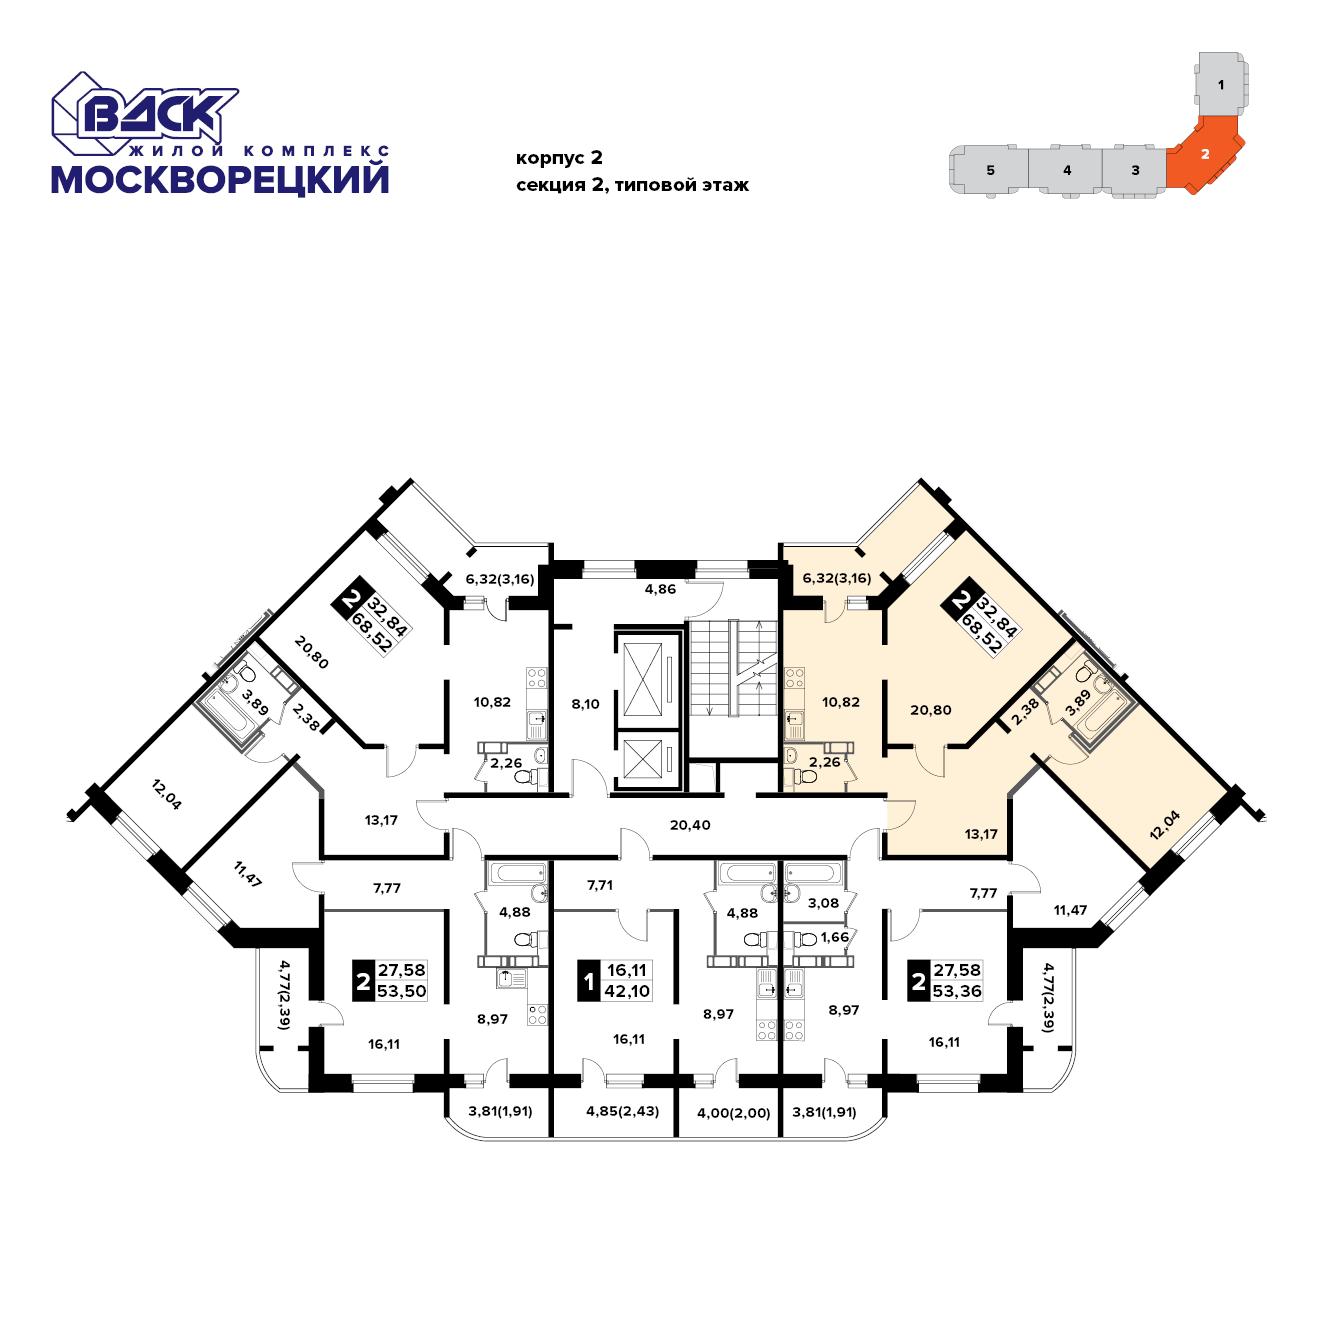 2-комнатная квартира, 67.7м² за 3,2 млн руб.